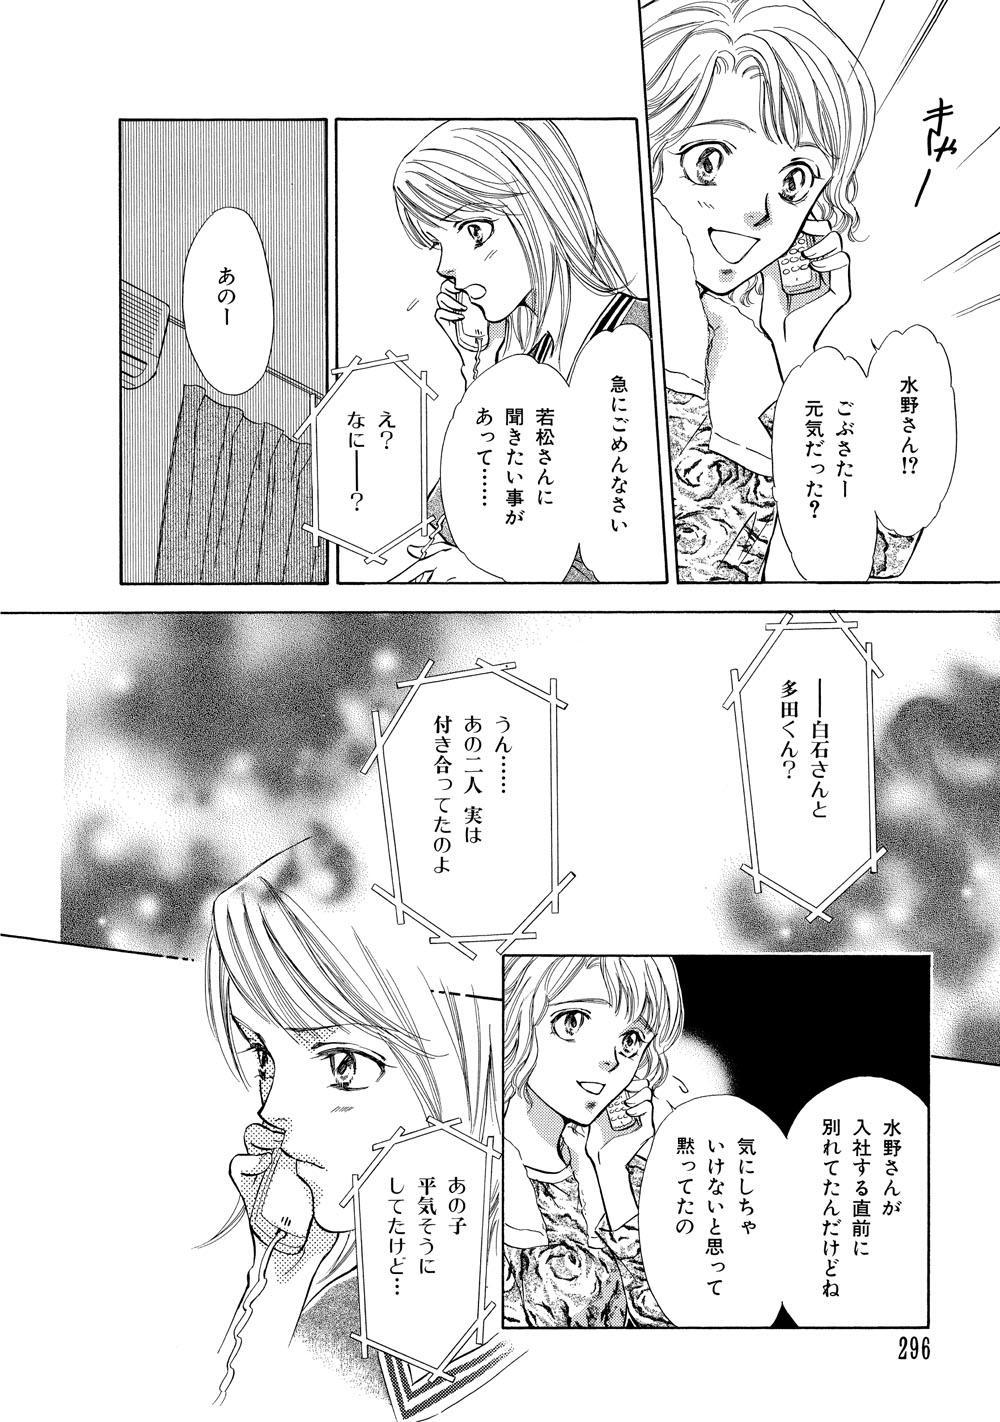 テレビ版_ほん怖_296.jpg